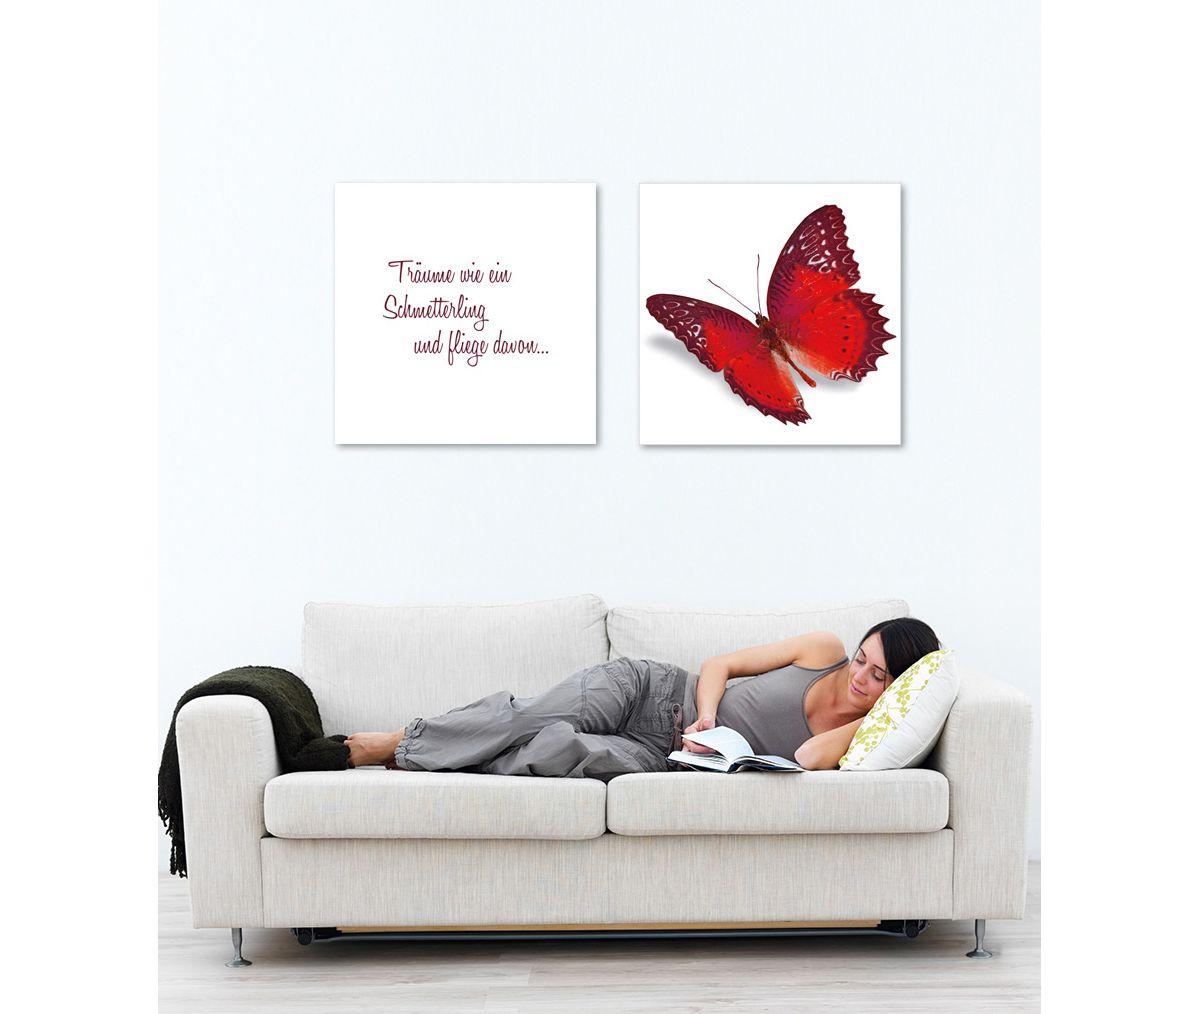 poolset bestway ma e 305 billig kaufen. Black Bedroom Furniture Sets. Home Design Ideas